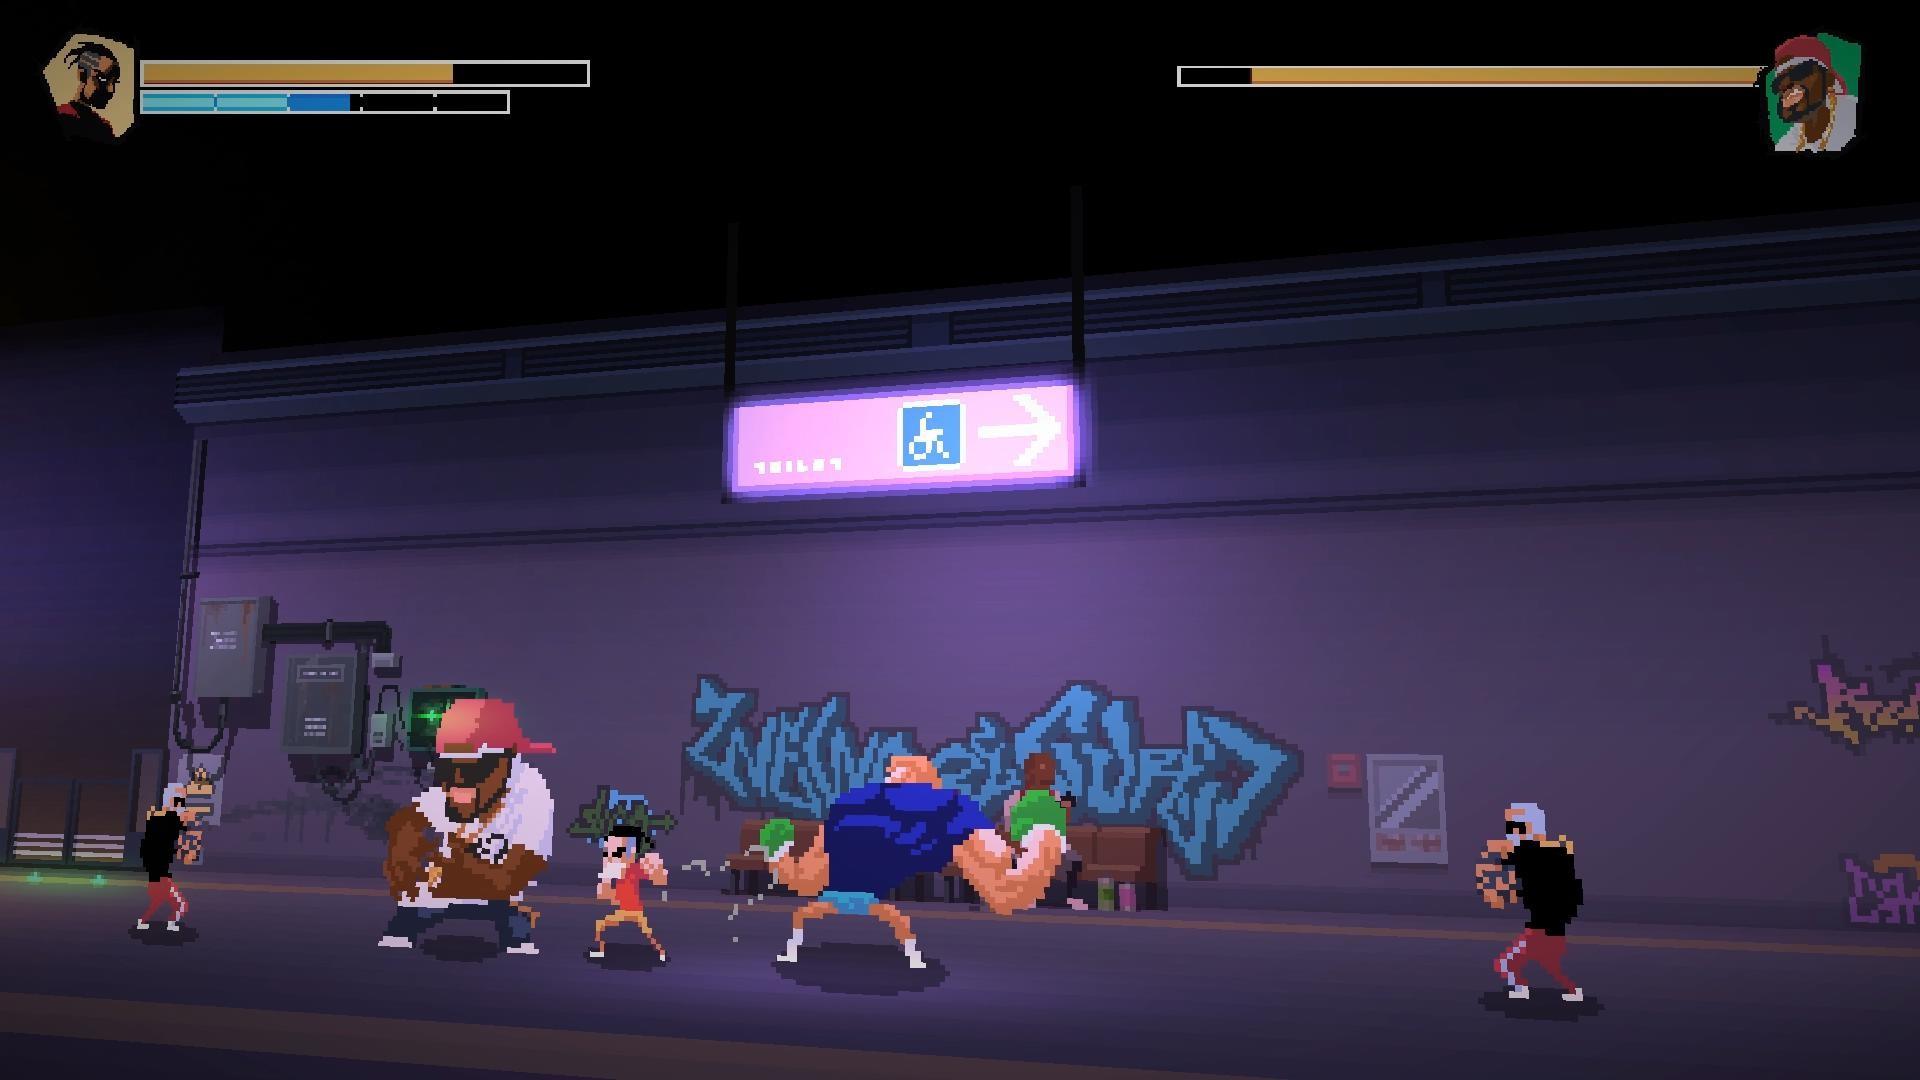 《英雄就是我》是由Crazyant工作室开发的一款横版像素风动作格斗游戏